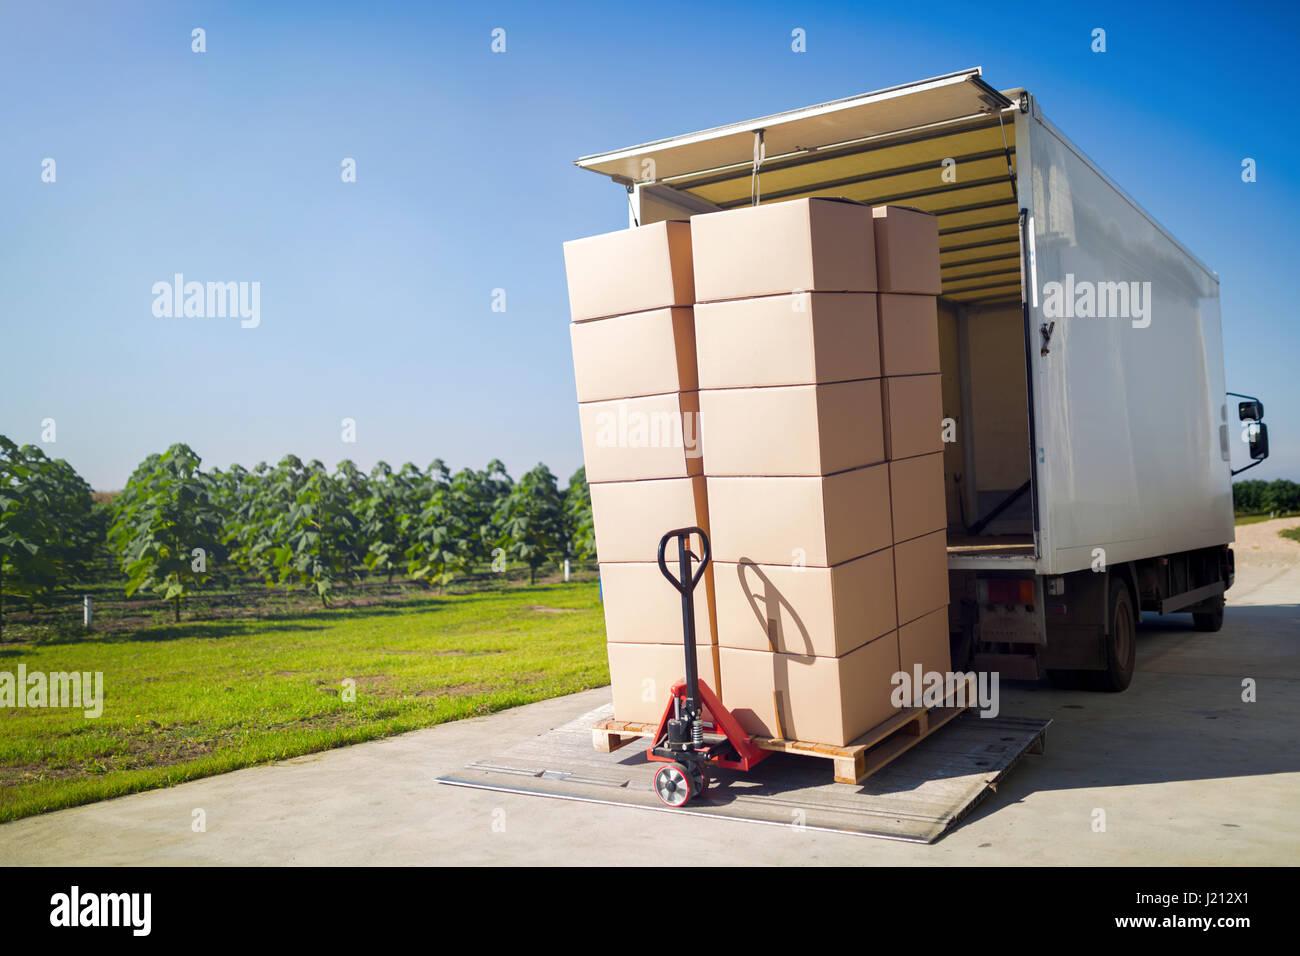 LKW-Transport von Gütern verpackt in Kartons aus Lager Stockfoto